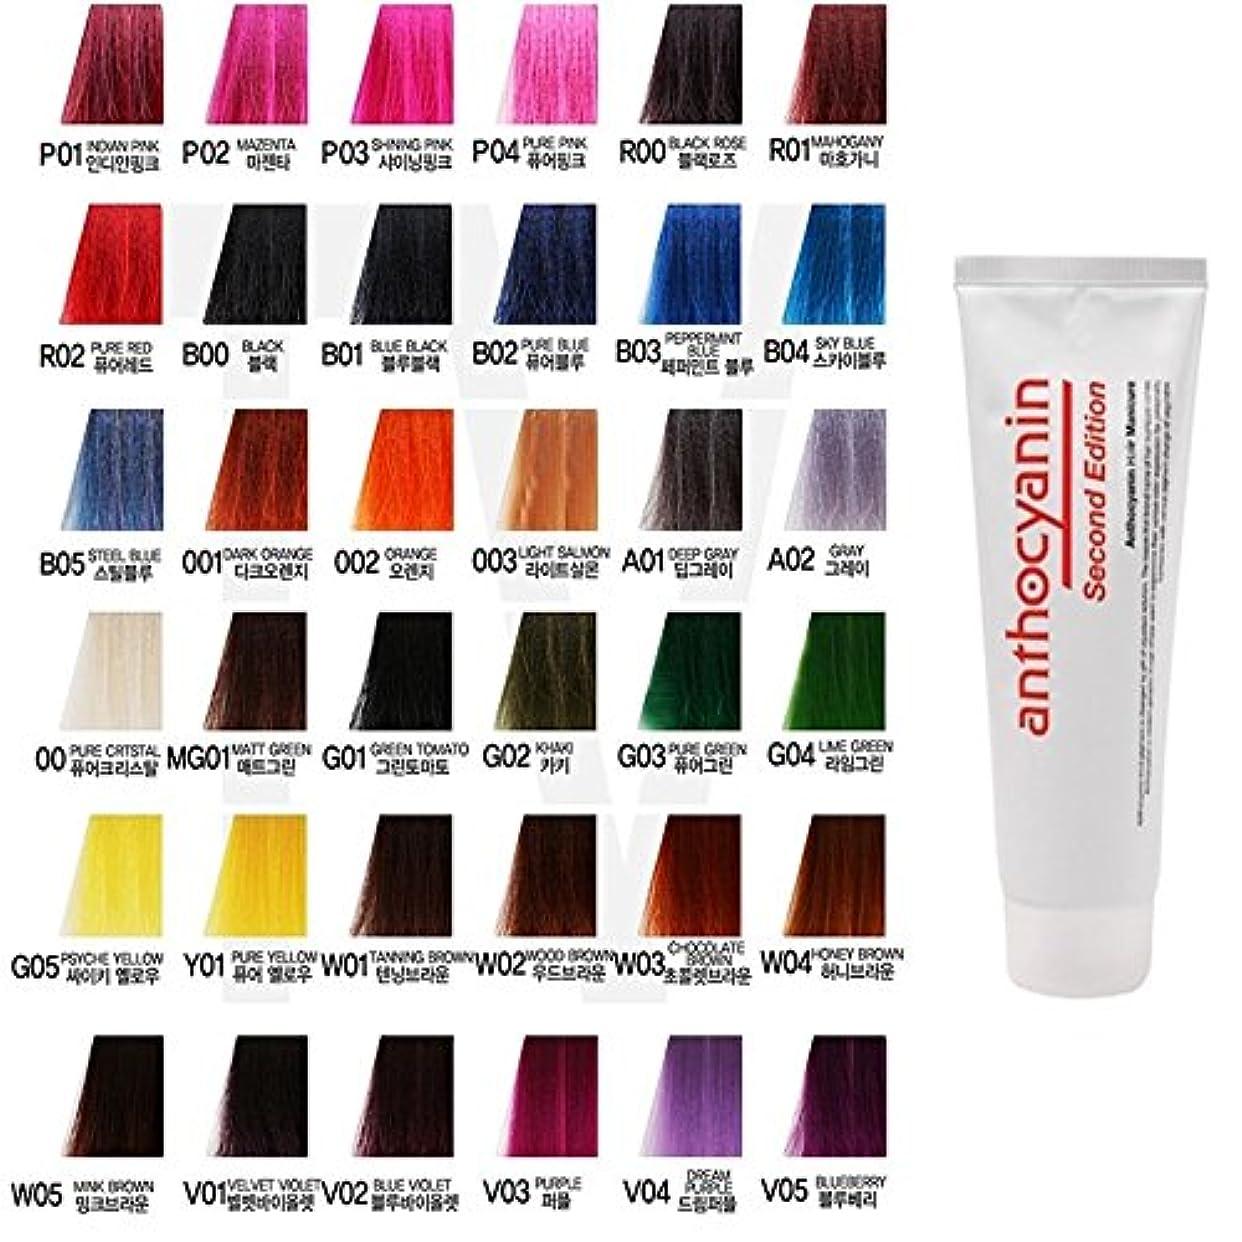 求めるクリーナー挨拶するヘア マニキュア カラー セカンド エディション 230g セミ パーマネント 染毛剤 ( Hair Manicure Color Second Edition 230g Semi Permanent Hair Dye) [並行輸入品] (WA03 Mud Brown)